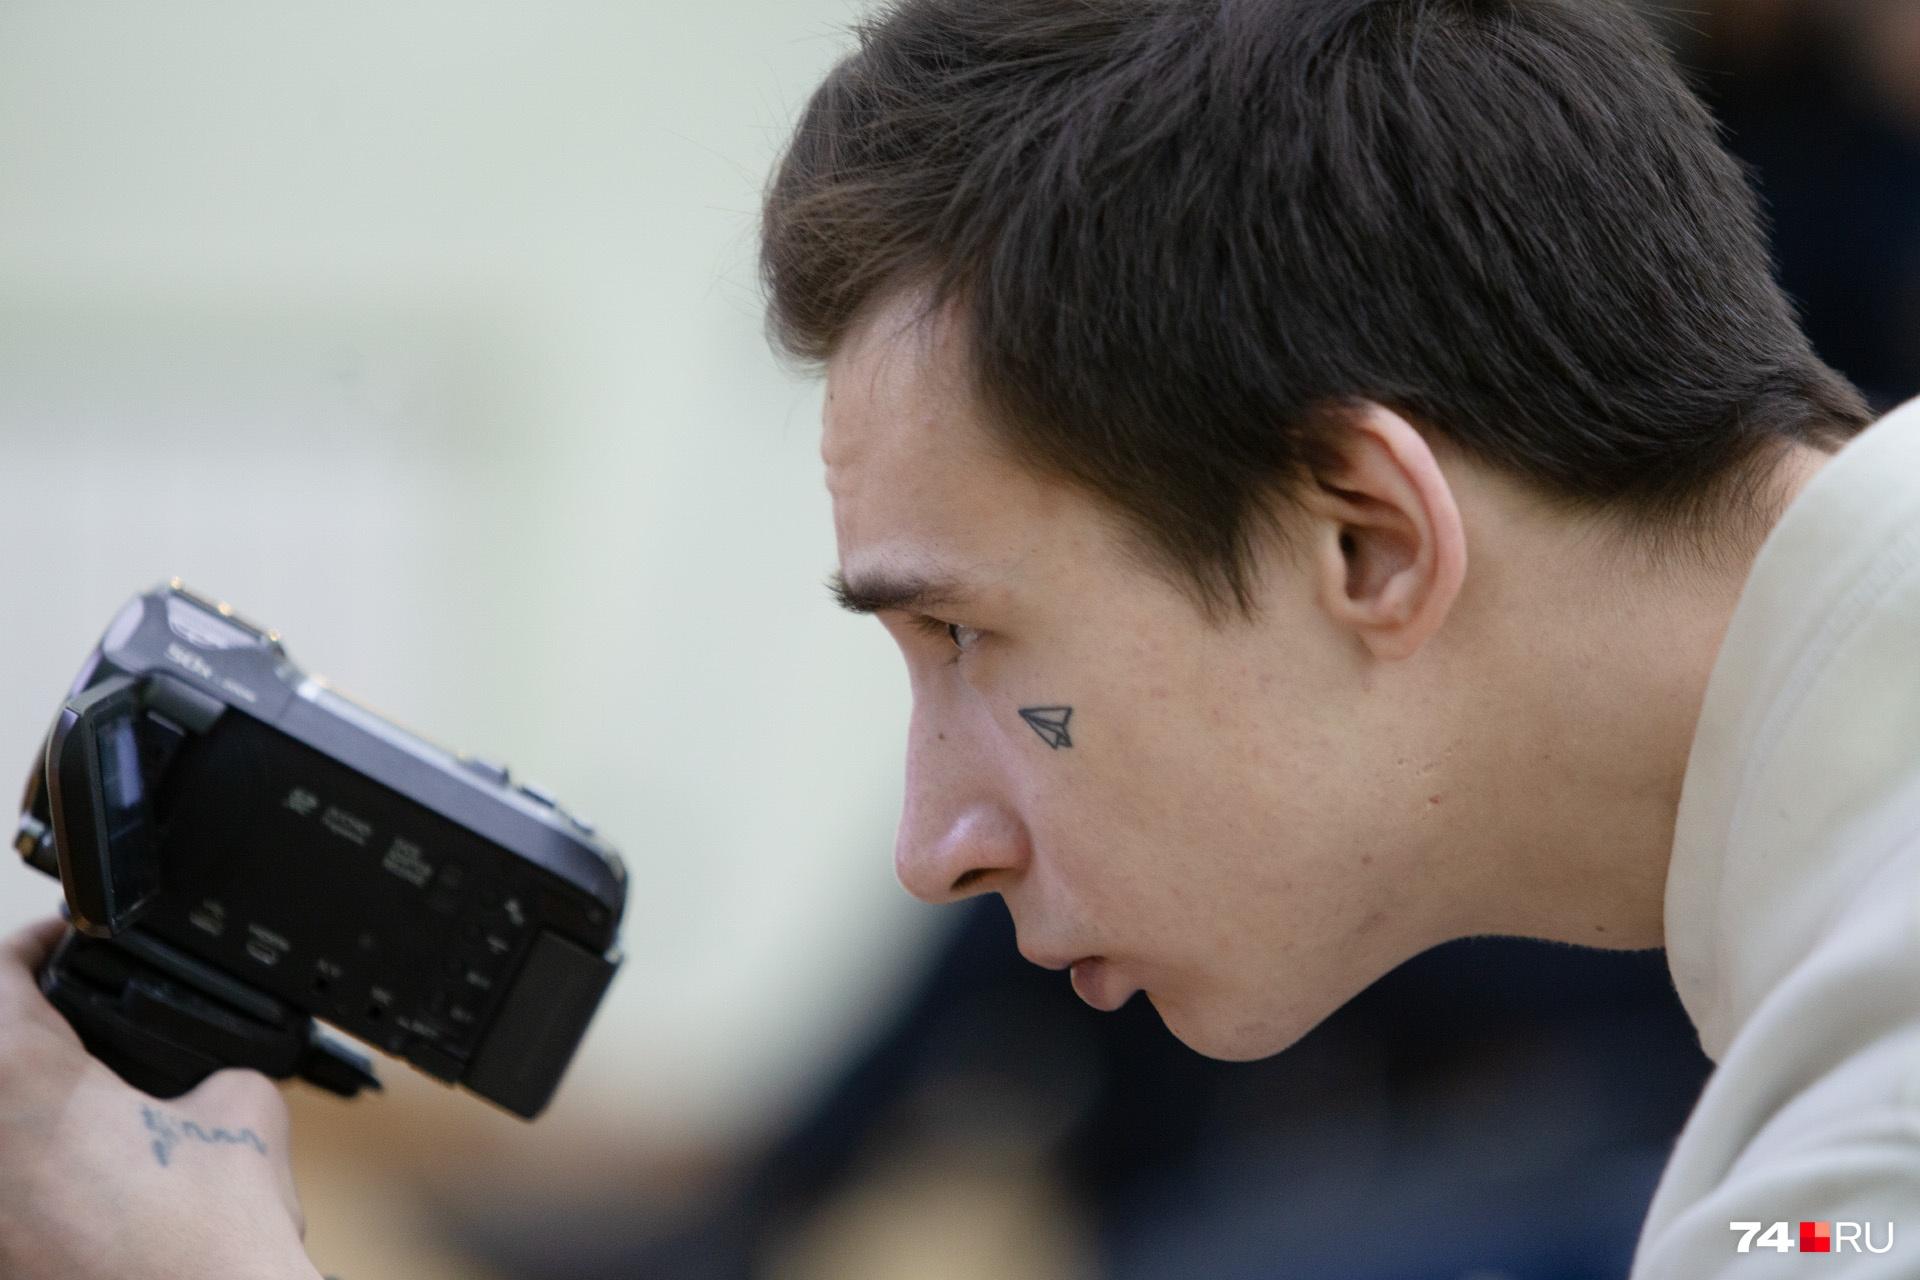 А это оператор челябинского штаба Навального. Подписчики их канала смогли посмотреть выступление онлайн